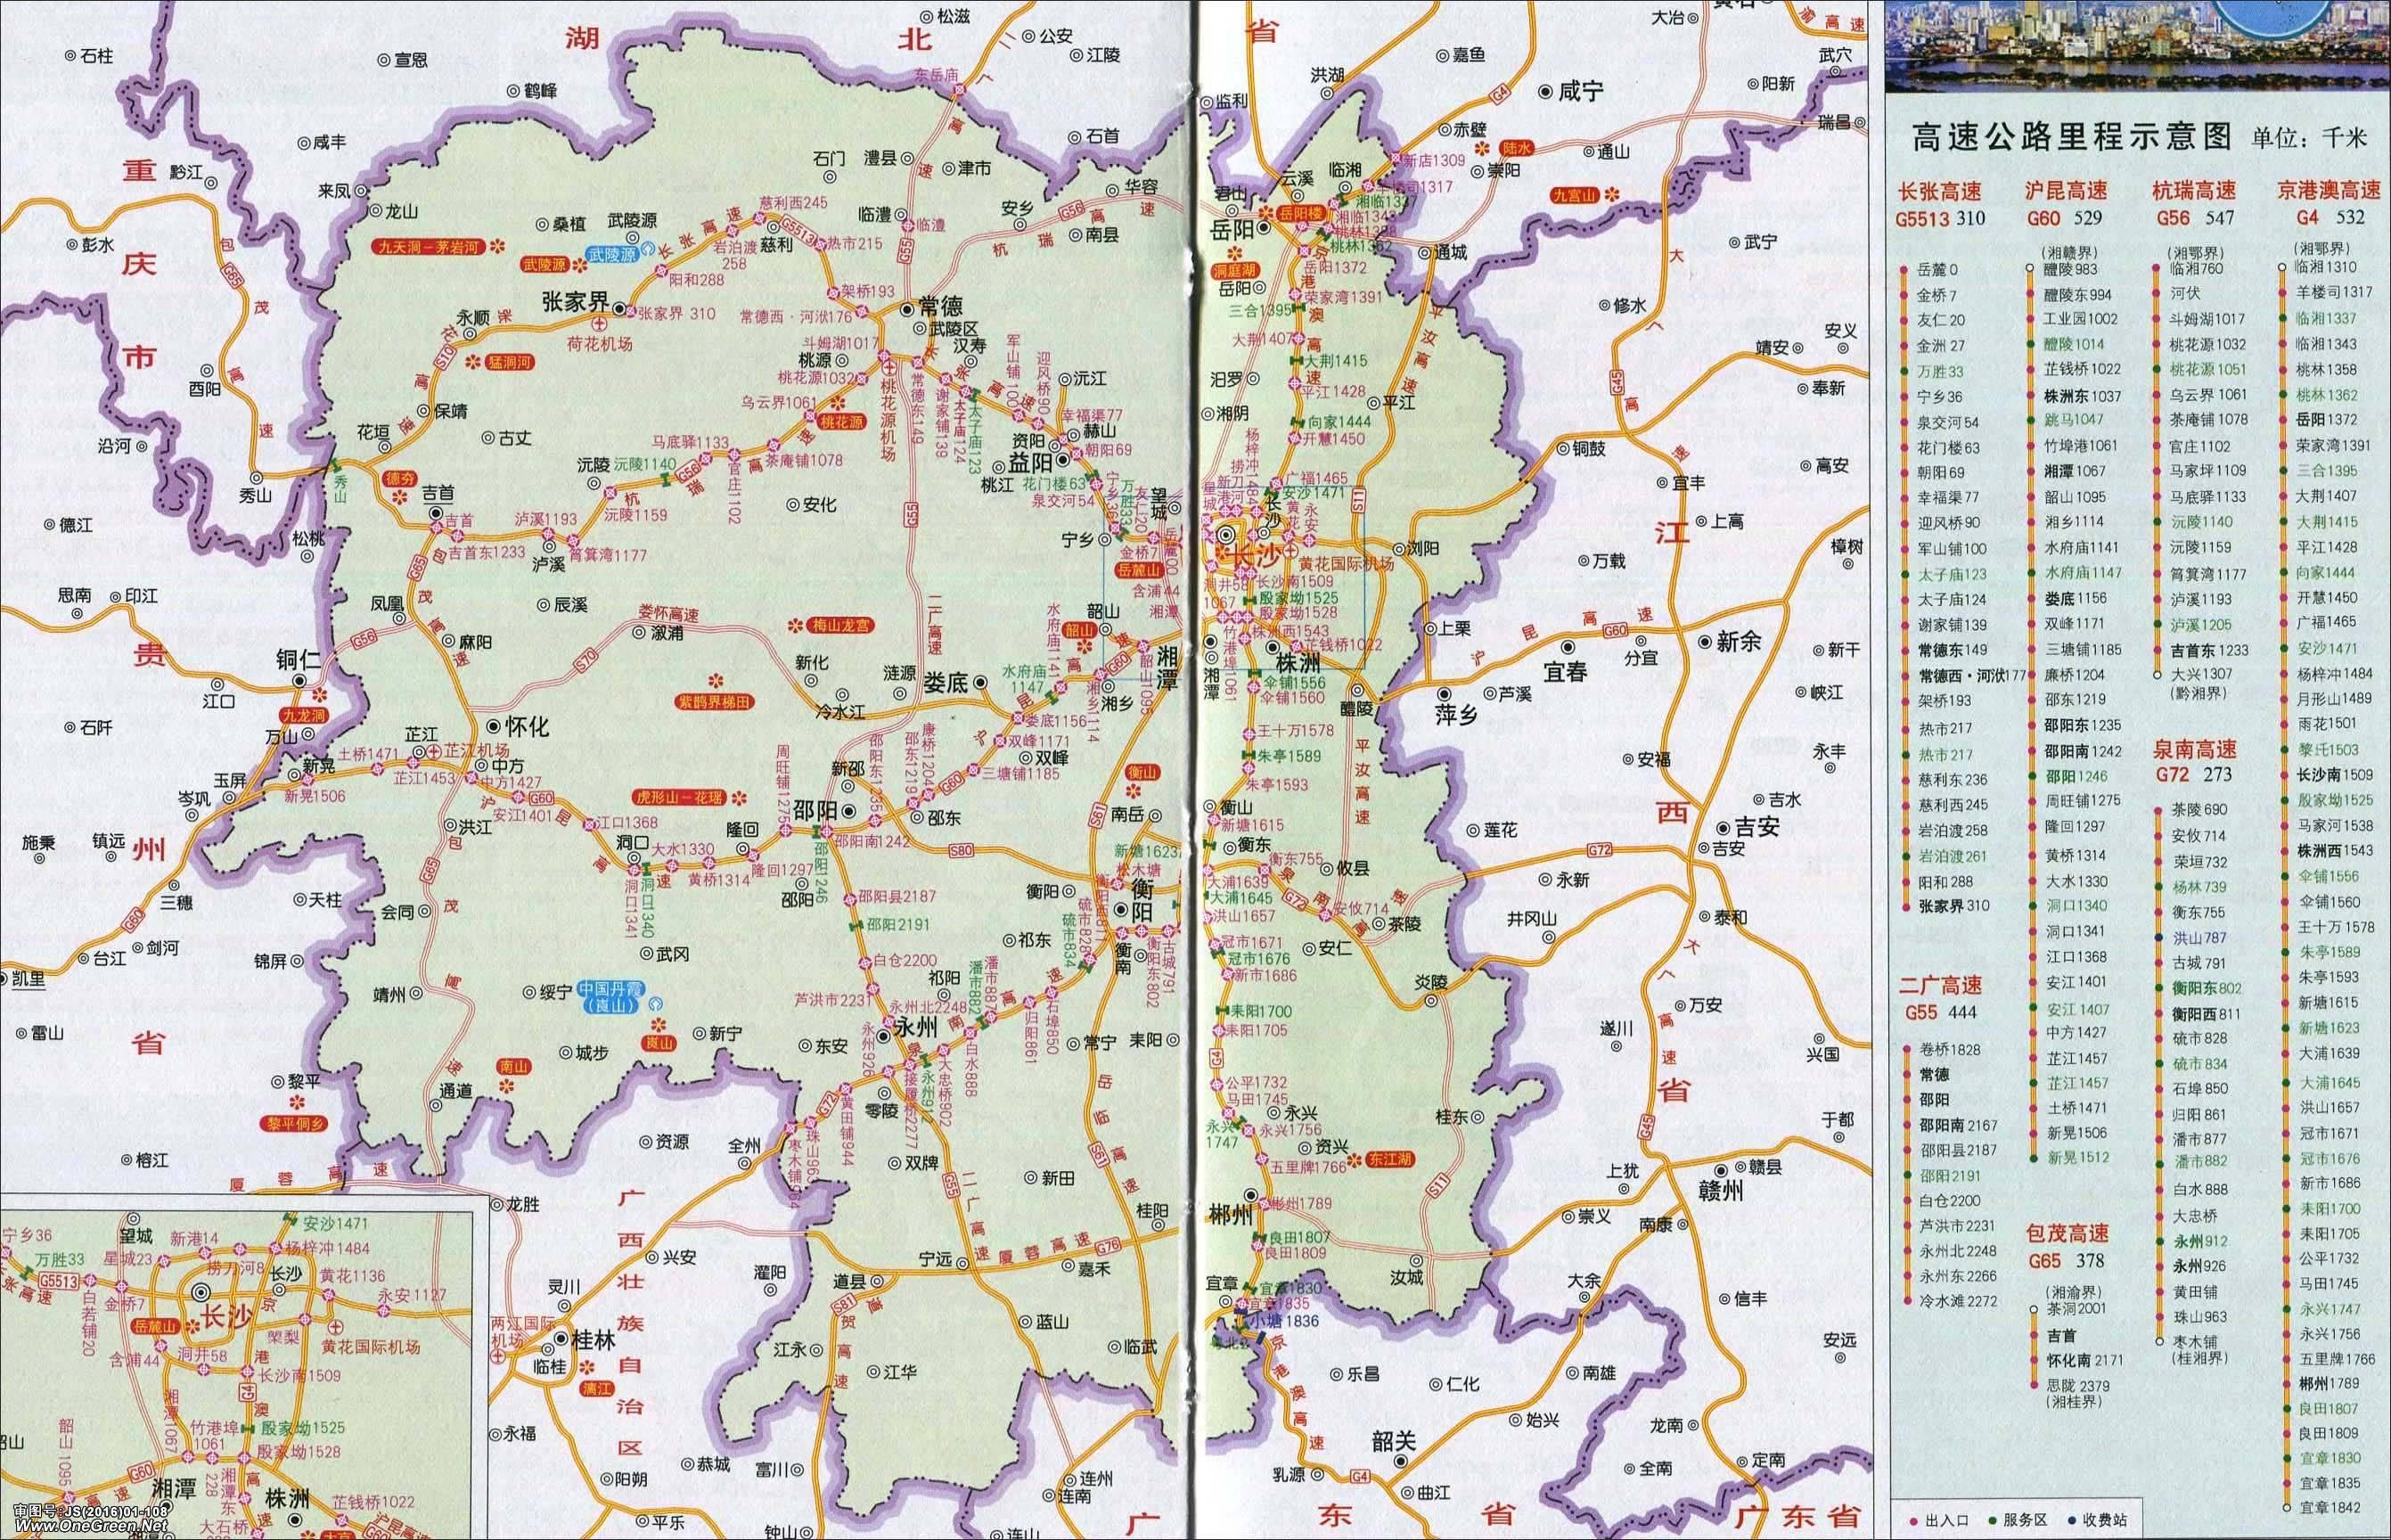 湖南高速公路地图